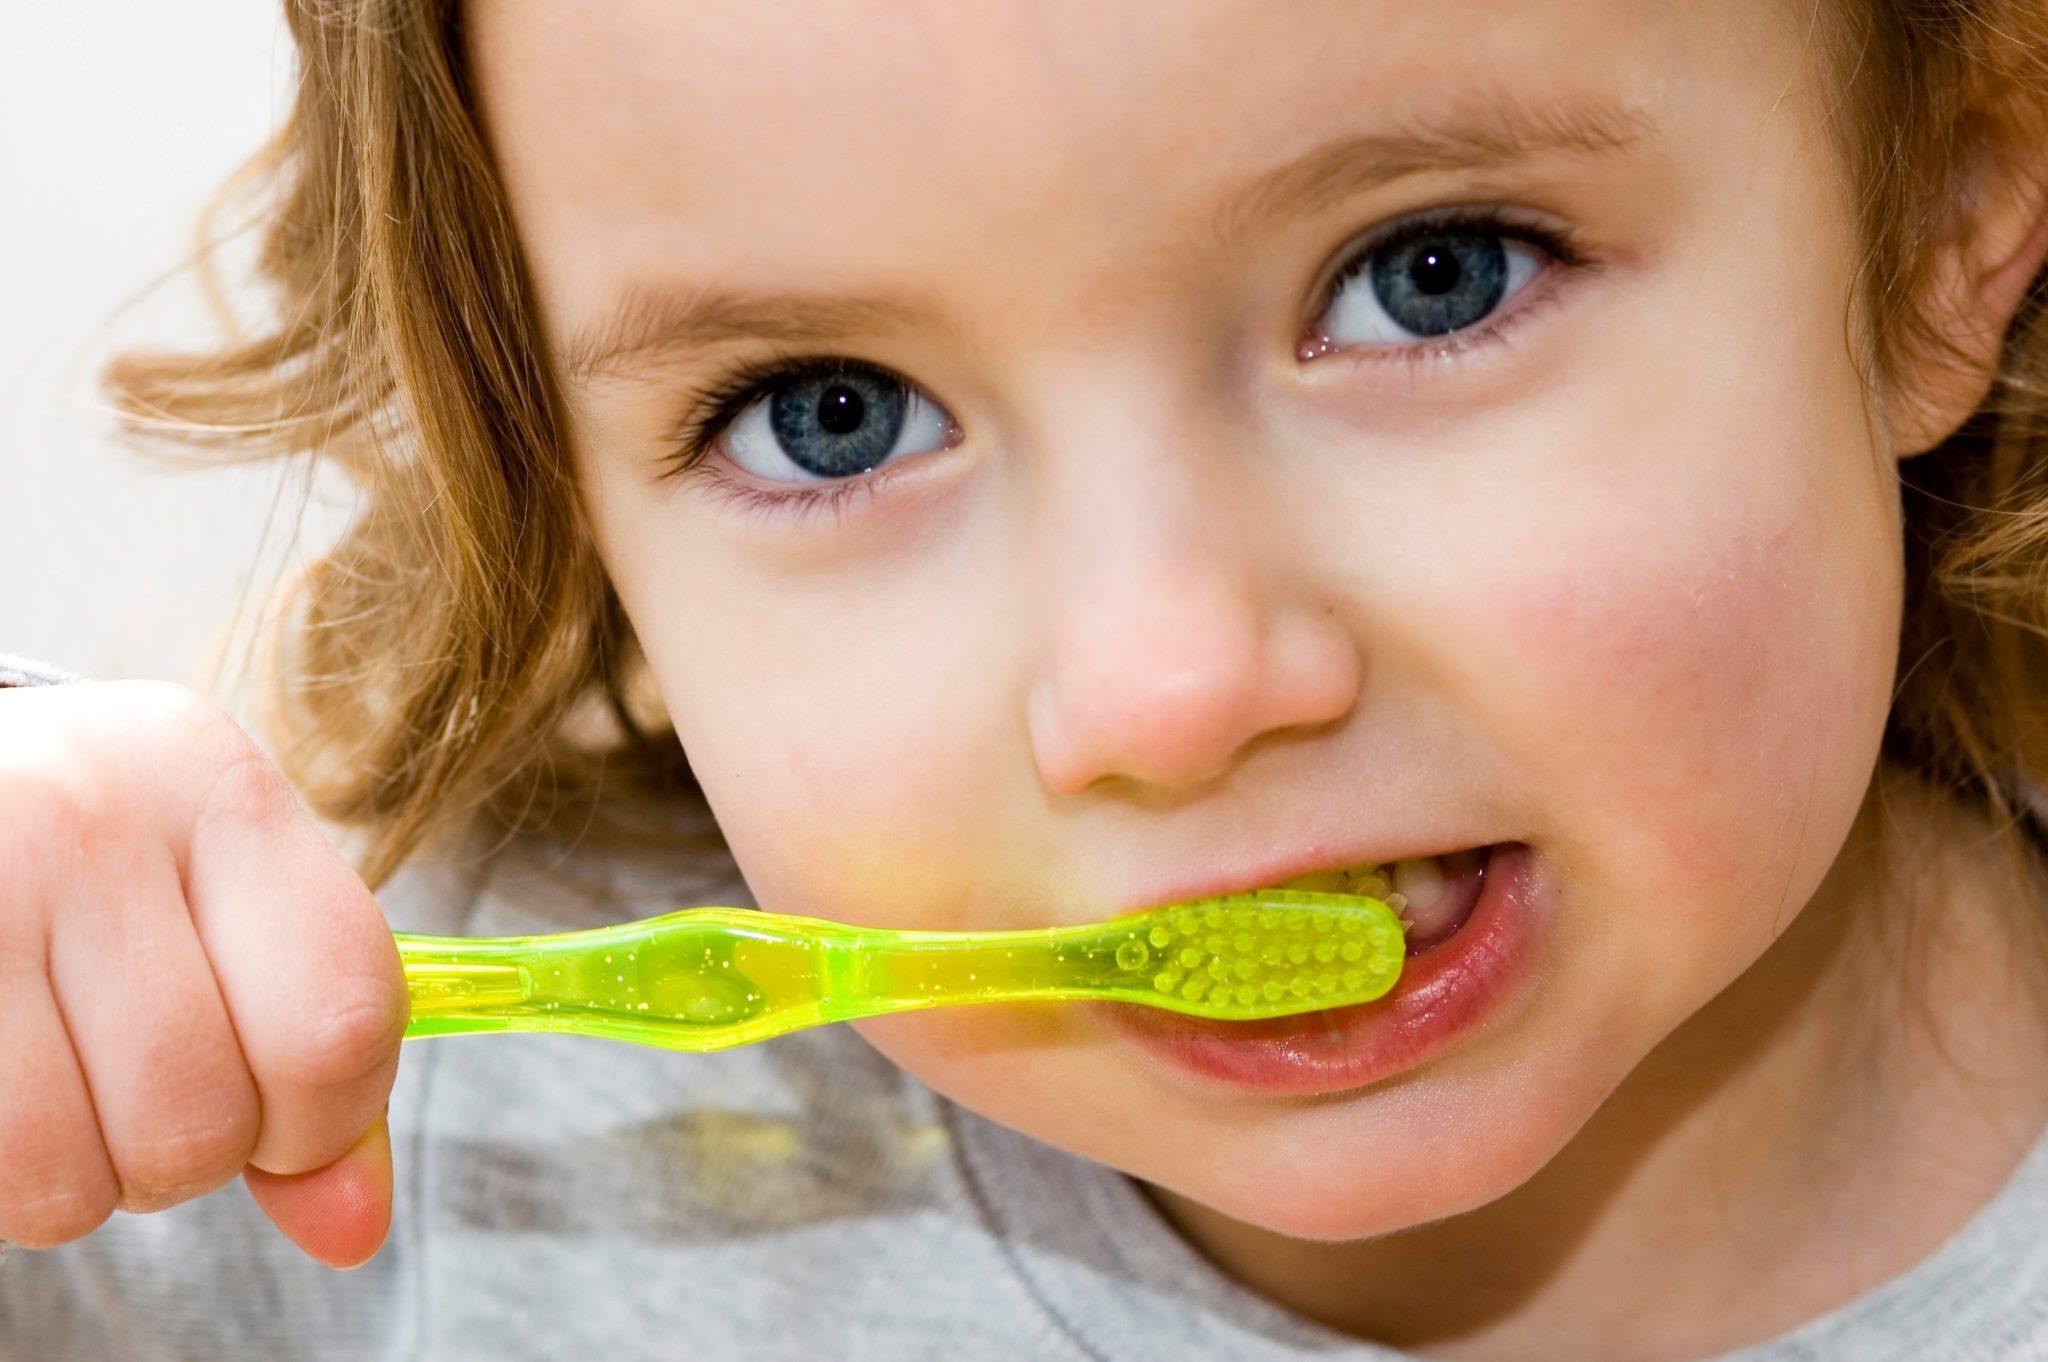 dziewczynka myjąca zęby